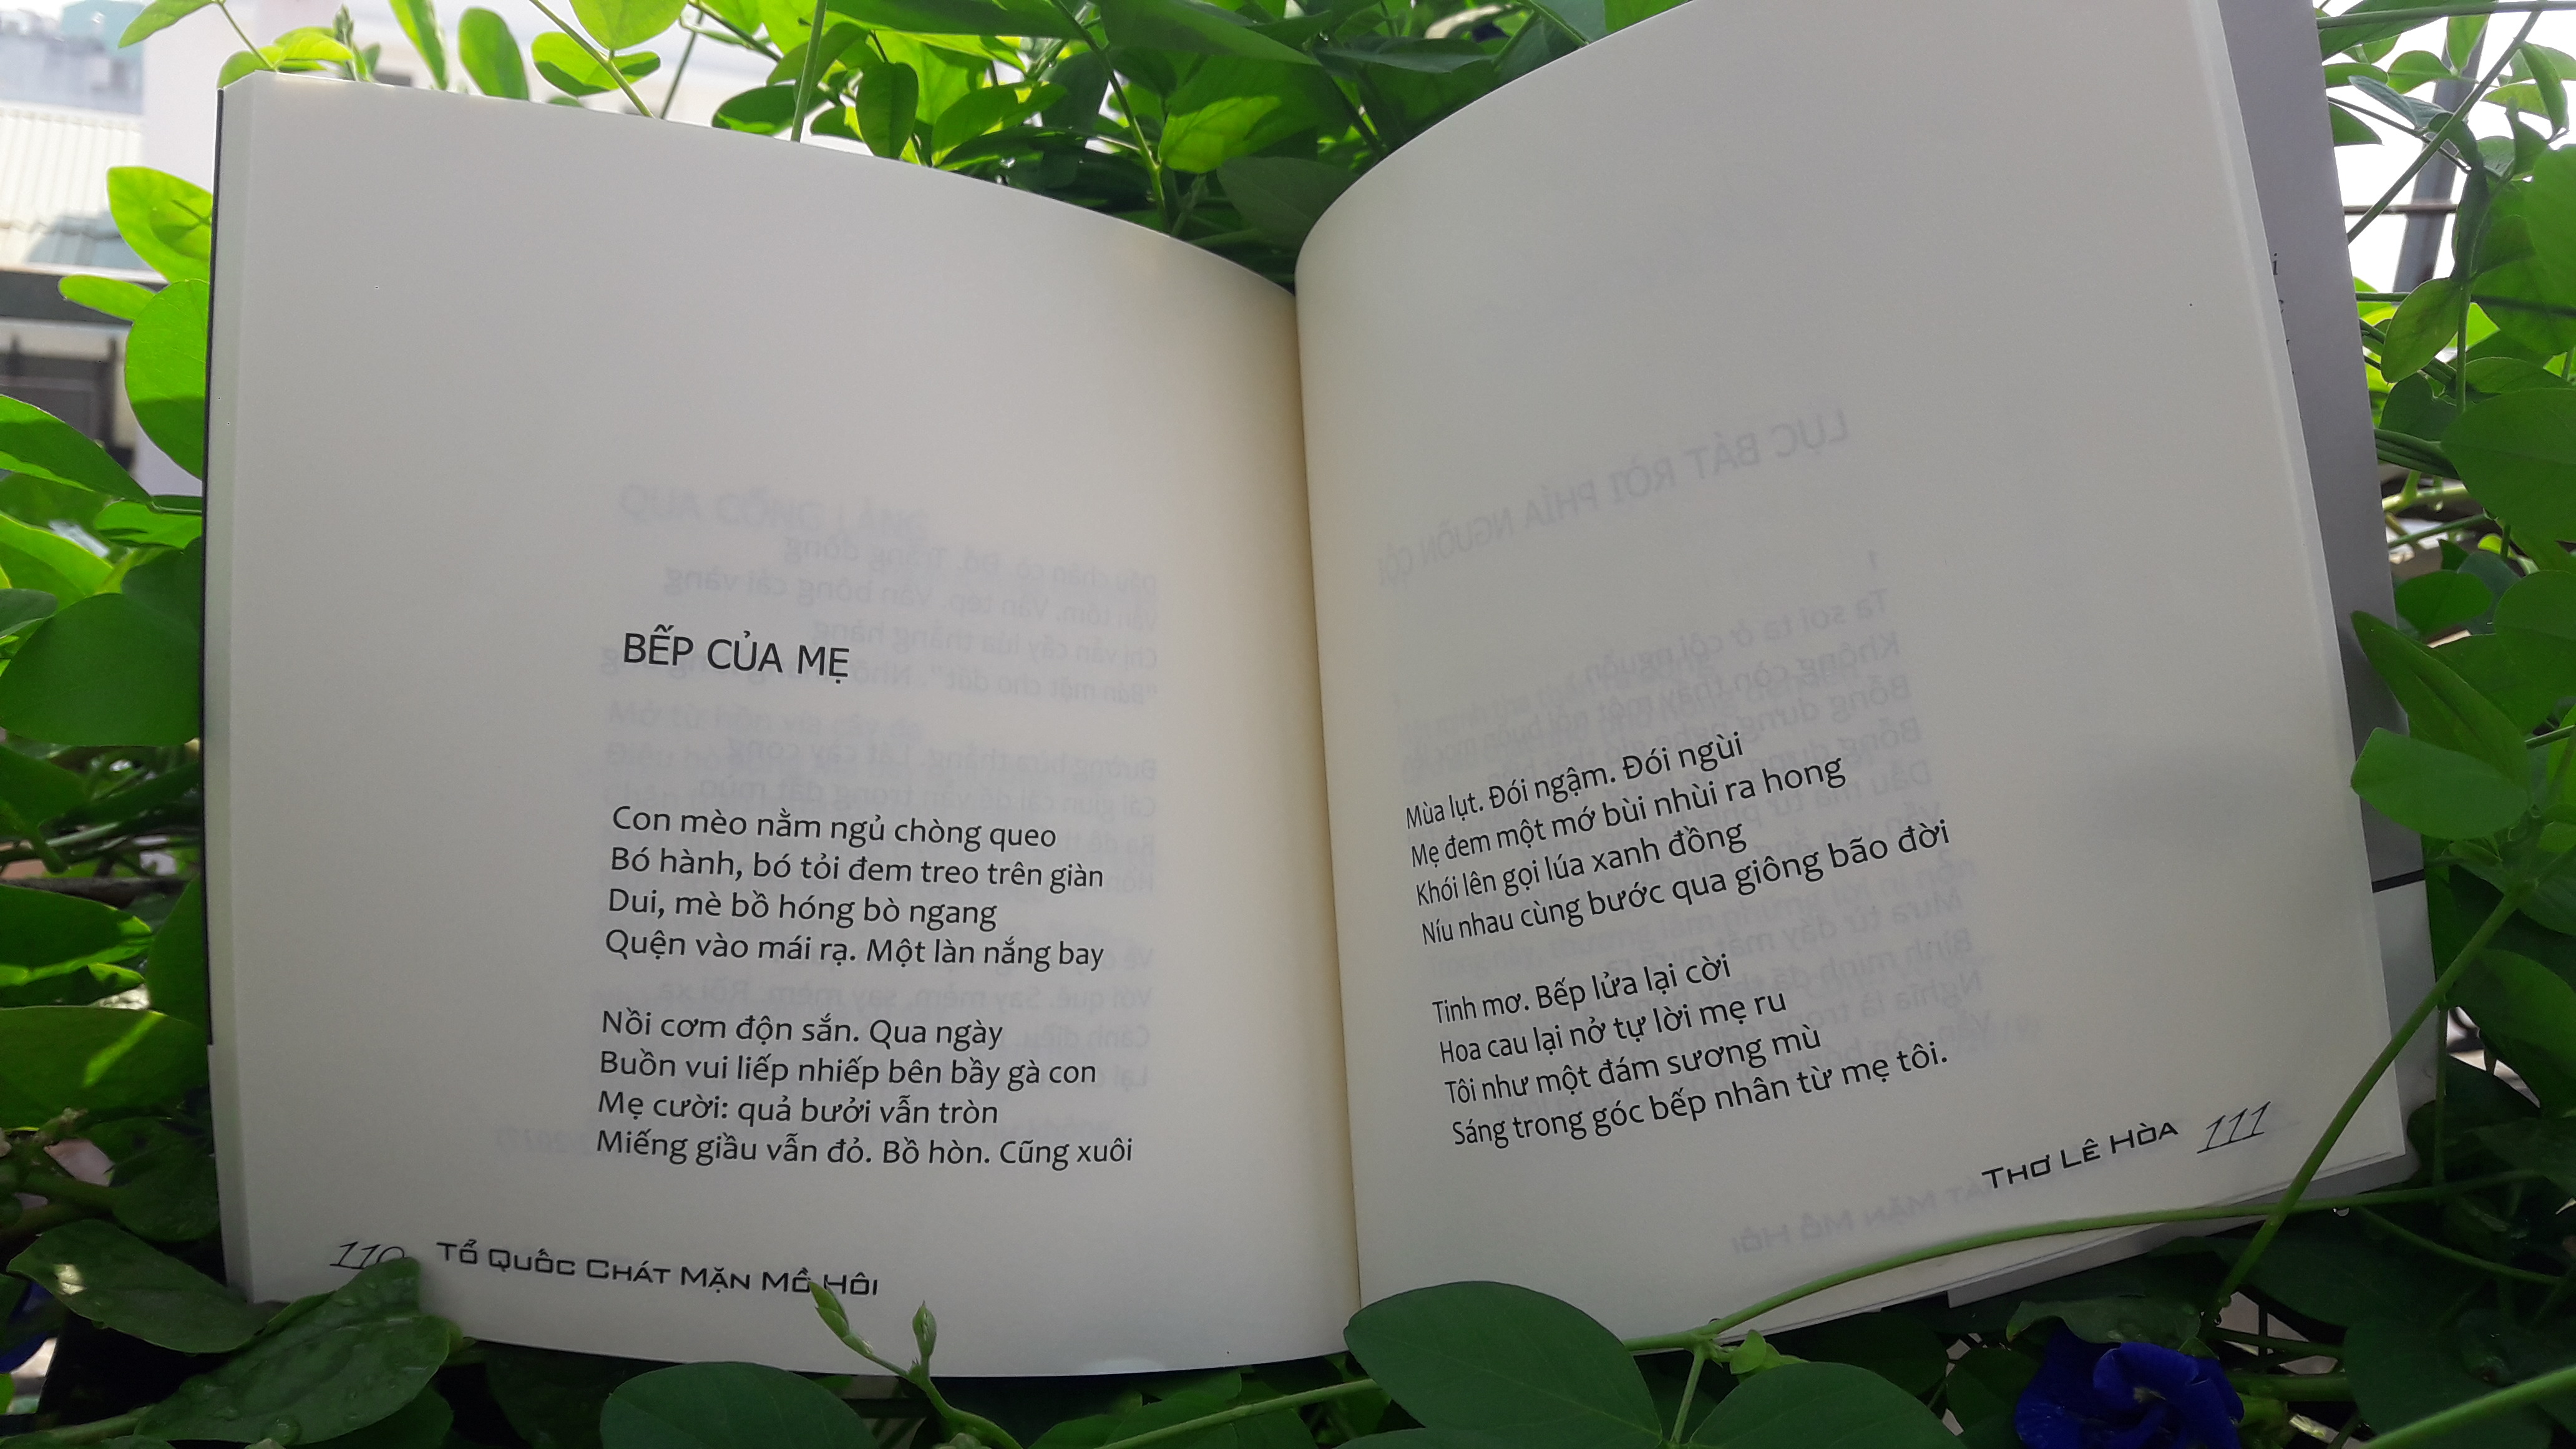 TỔ QUỐC CHÁT MẶN MỒ HÔI (Tuyển tập thơ của Lê Hòa viết về Tổ quốc - Tình yêu - Thân phận...)